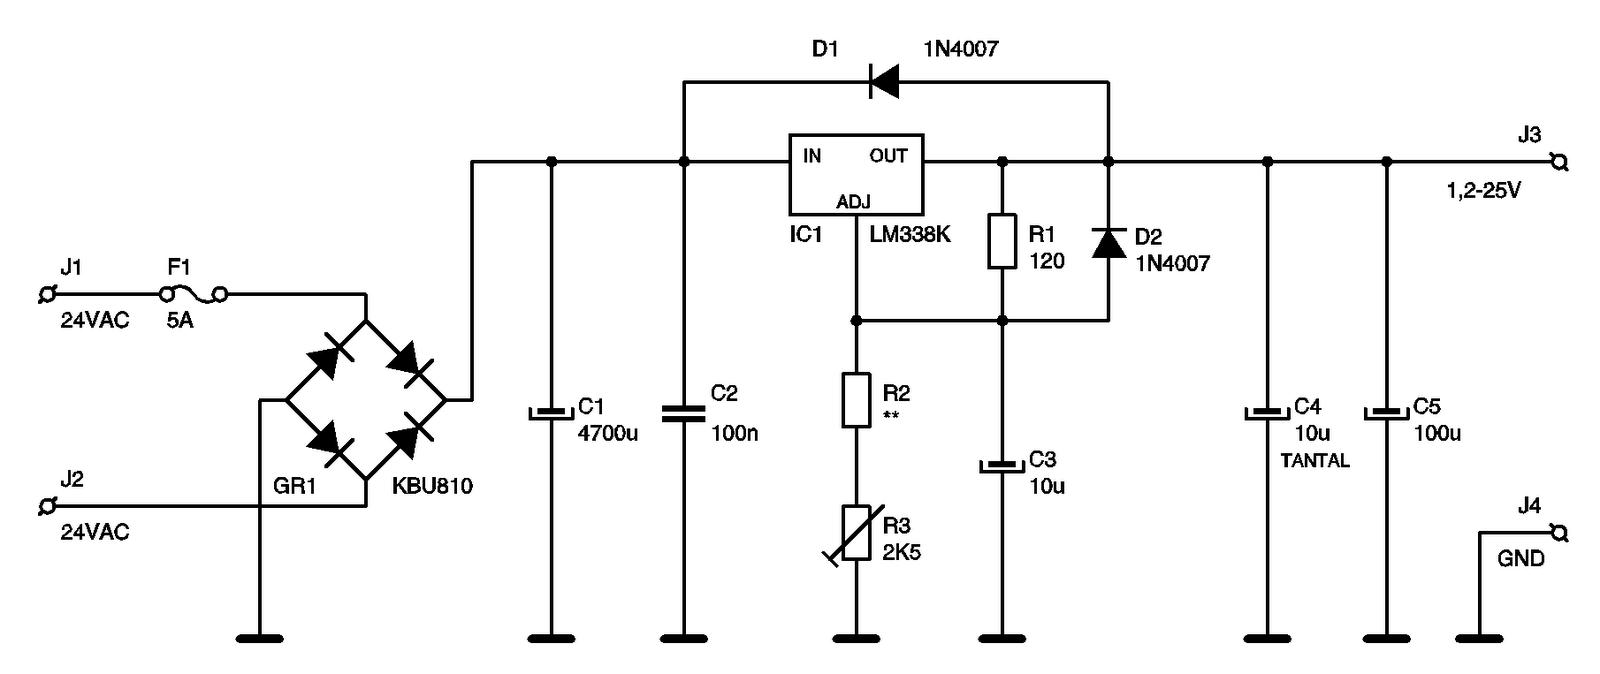 *Eletrônica Free : Esquema fonte variável com LM338K com